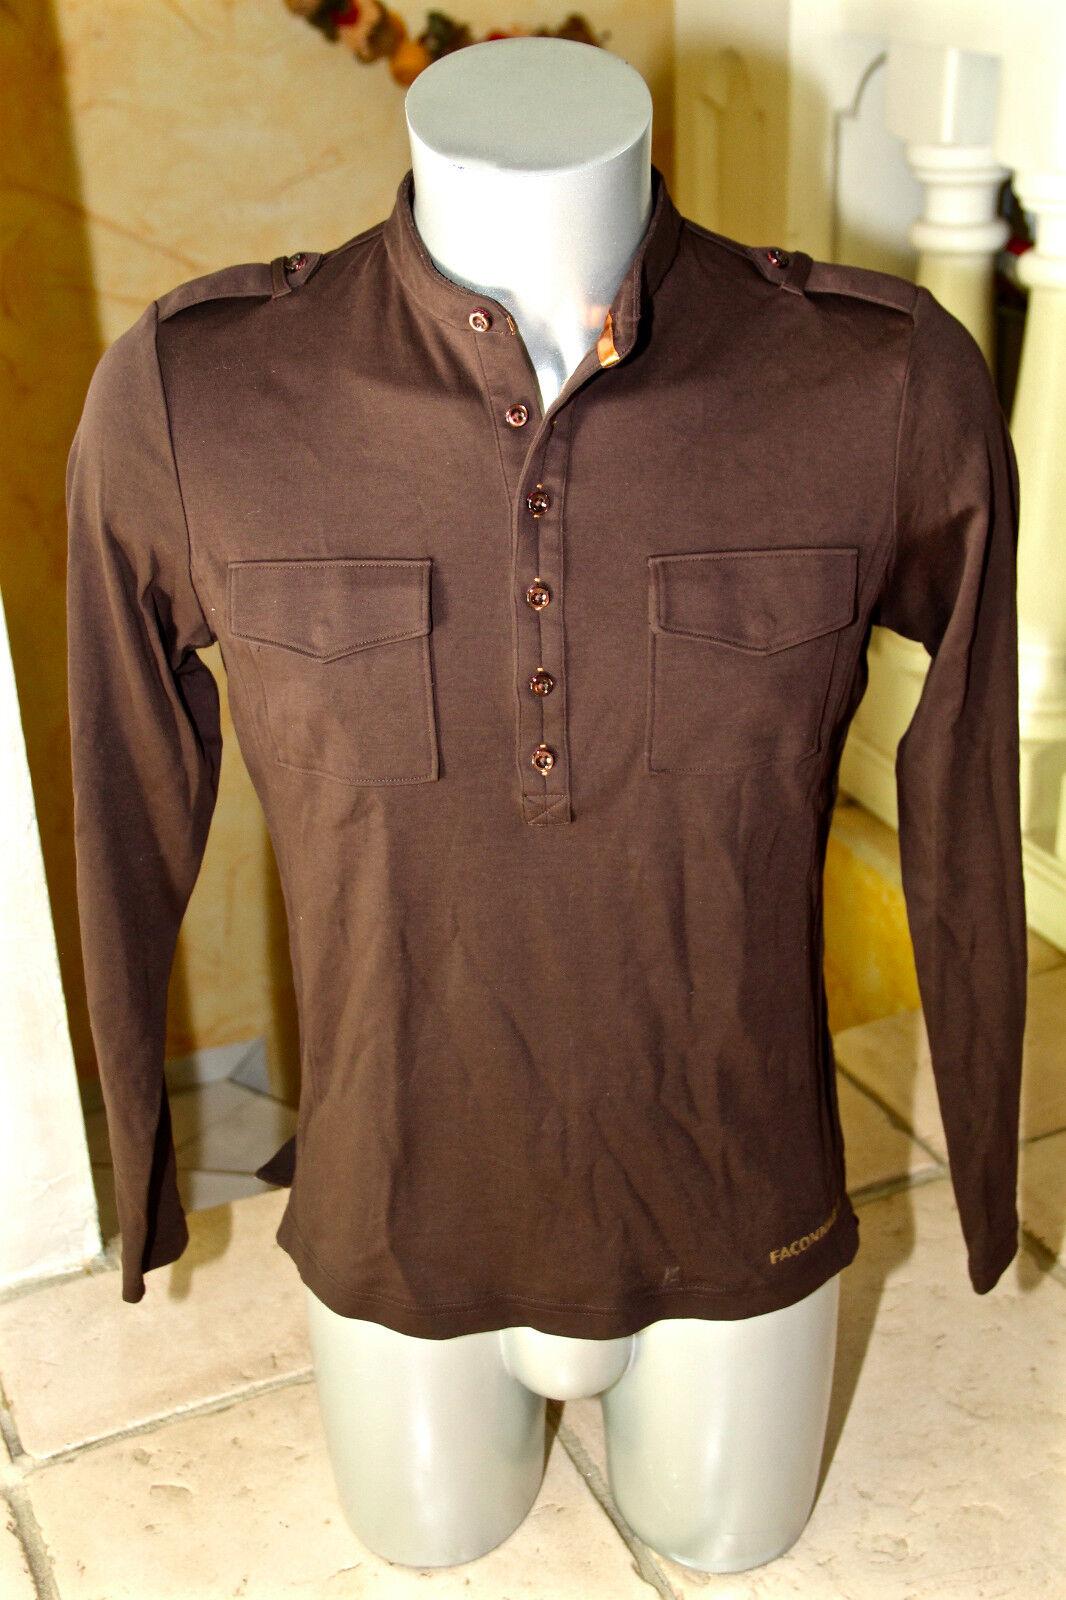 Carino maglione di cotone marrone FAÇONNABLE taglia S NUOVO